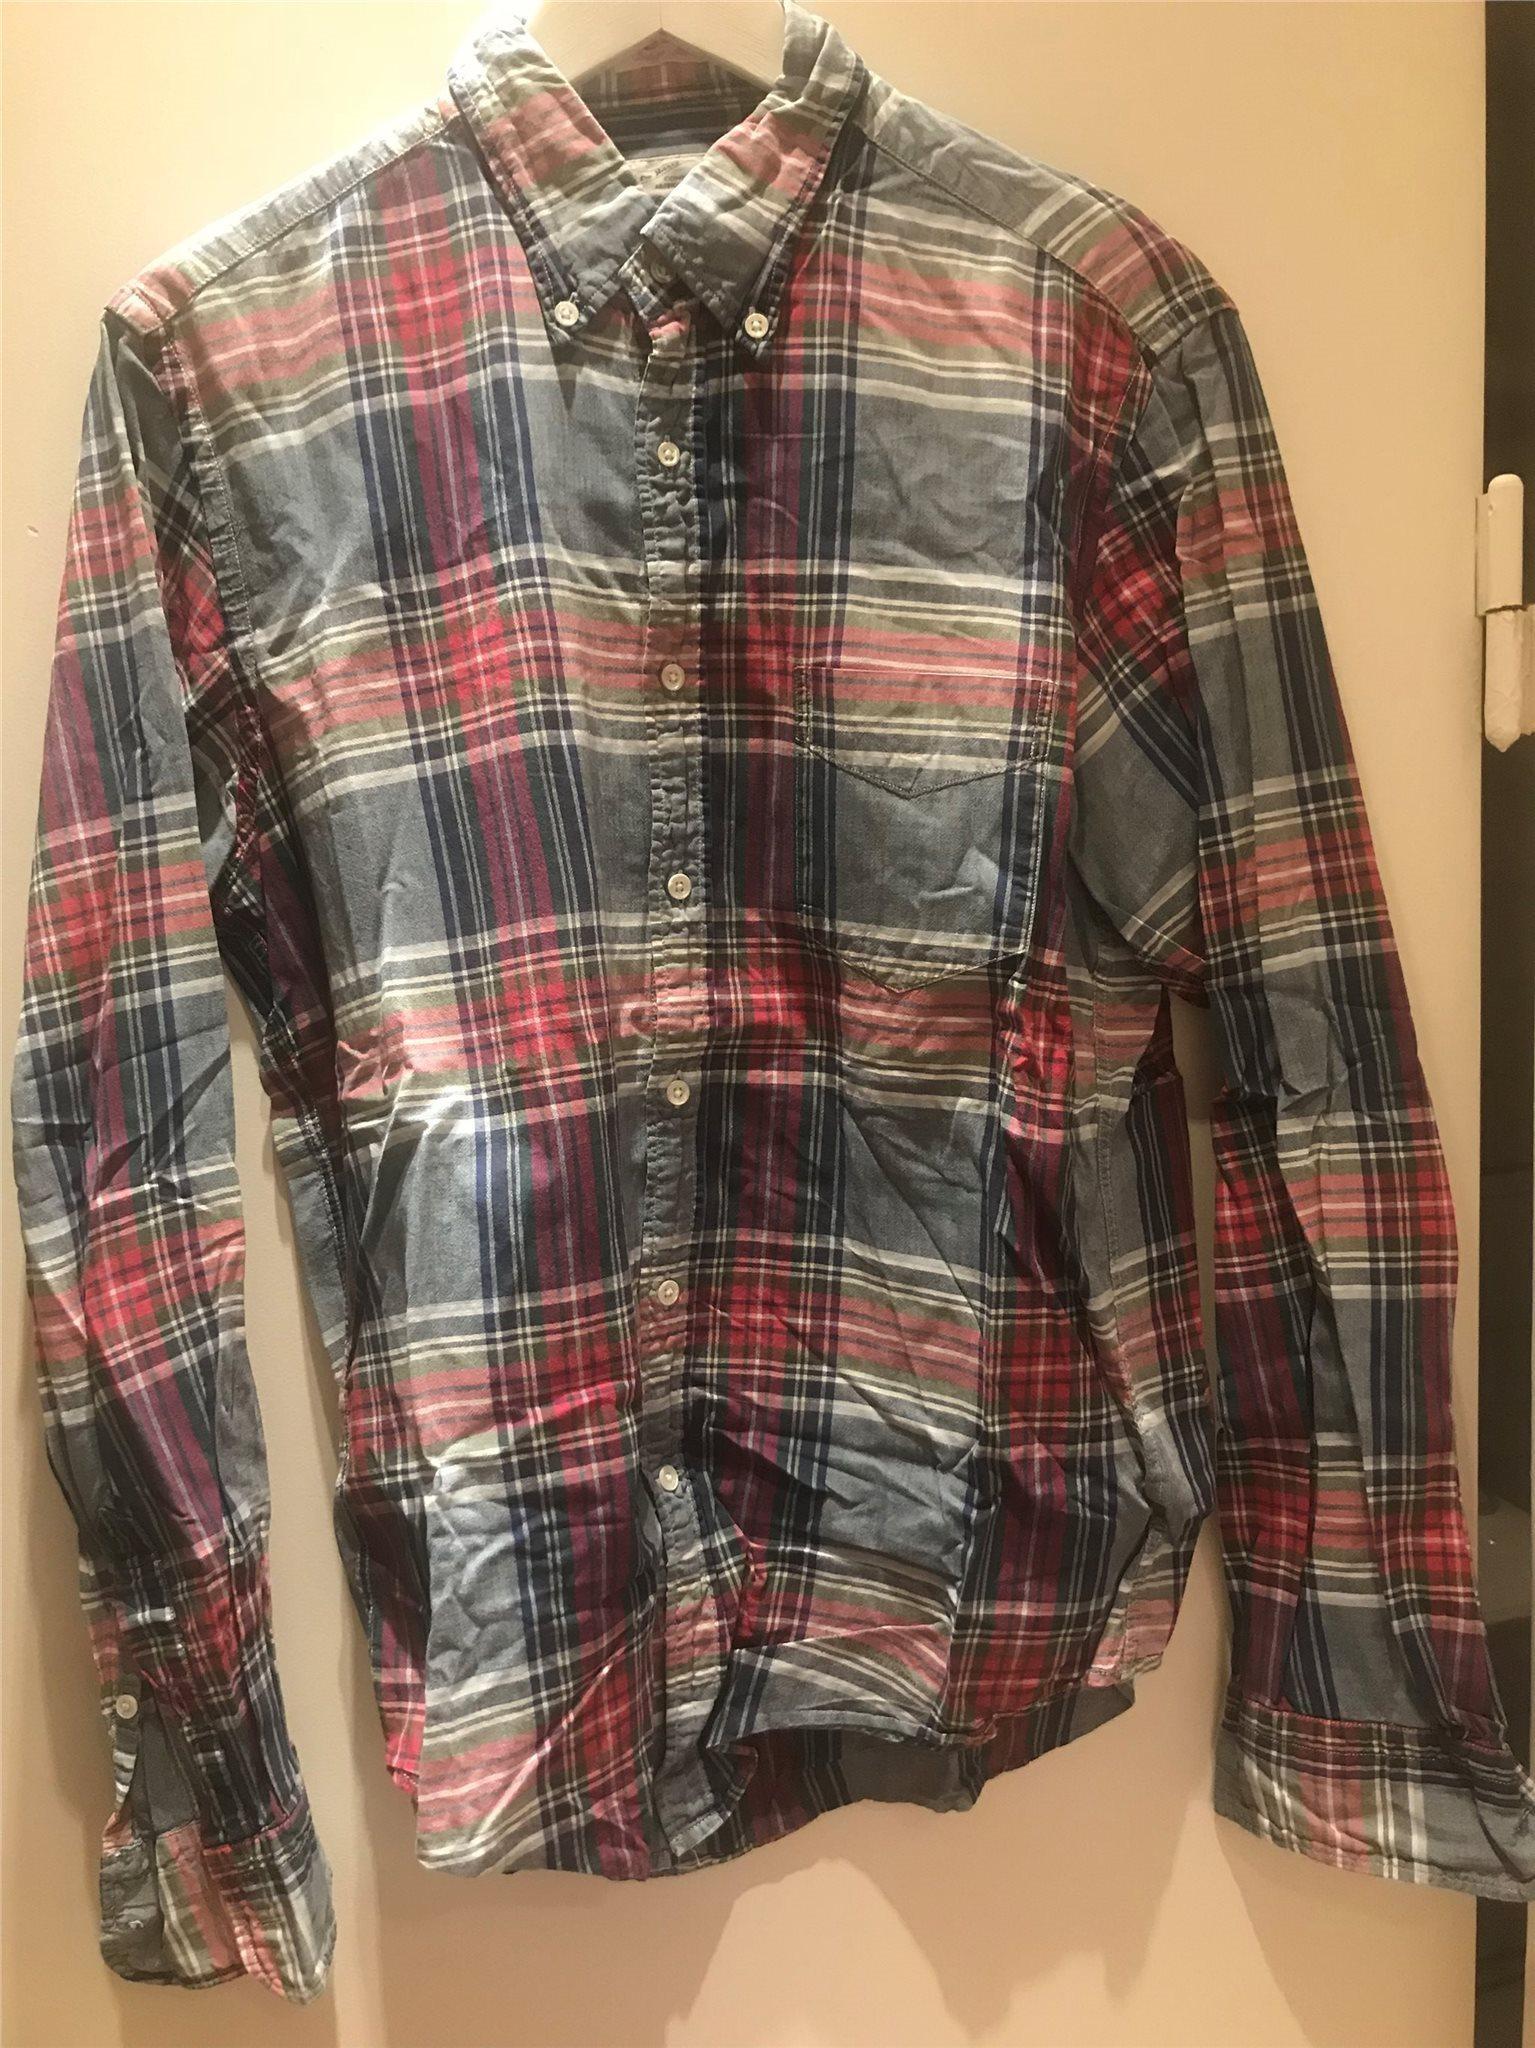 Gant rugger skjorta storlek M (335394693) ᐈ Köp på Tradera 2dd010d8c691f